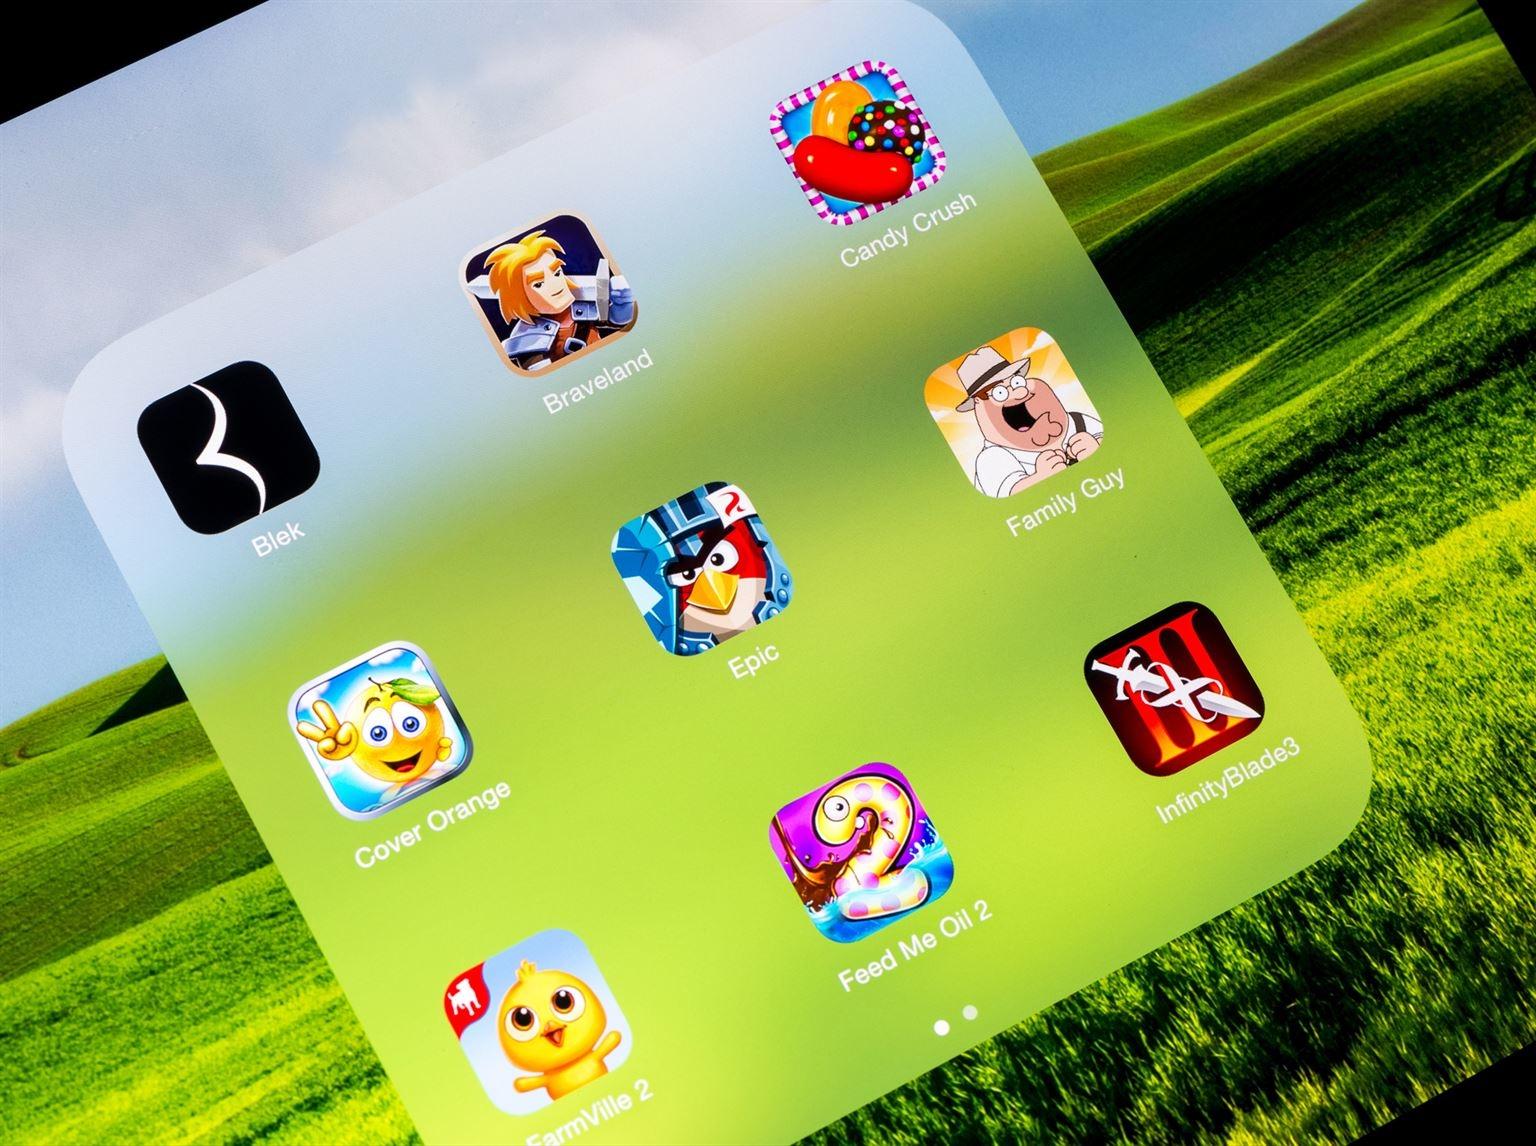 Jeux Sur Tablette: 64 Choix Pour Enfants | Protégez-Vous.ca avec Jeux 2 Ans En Ligne Gratuit